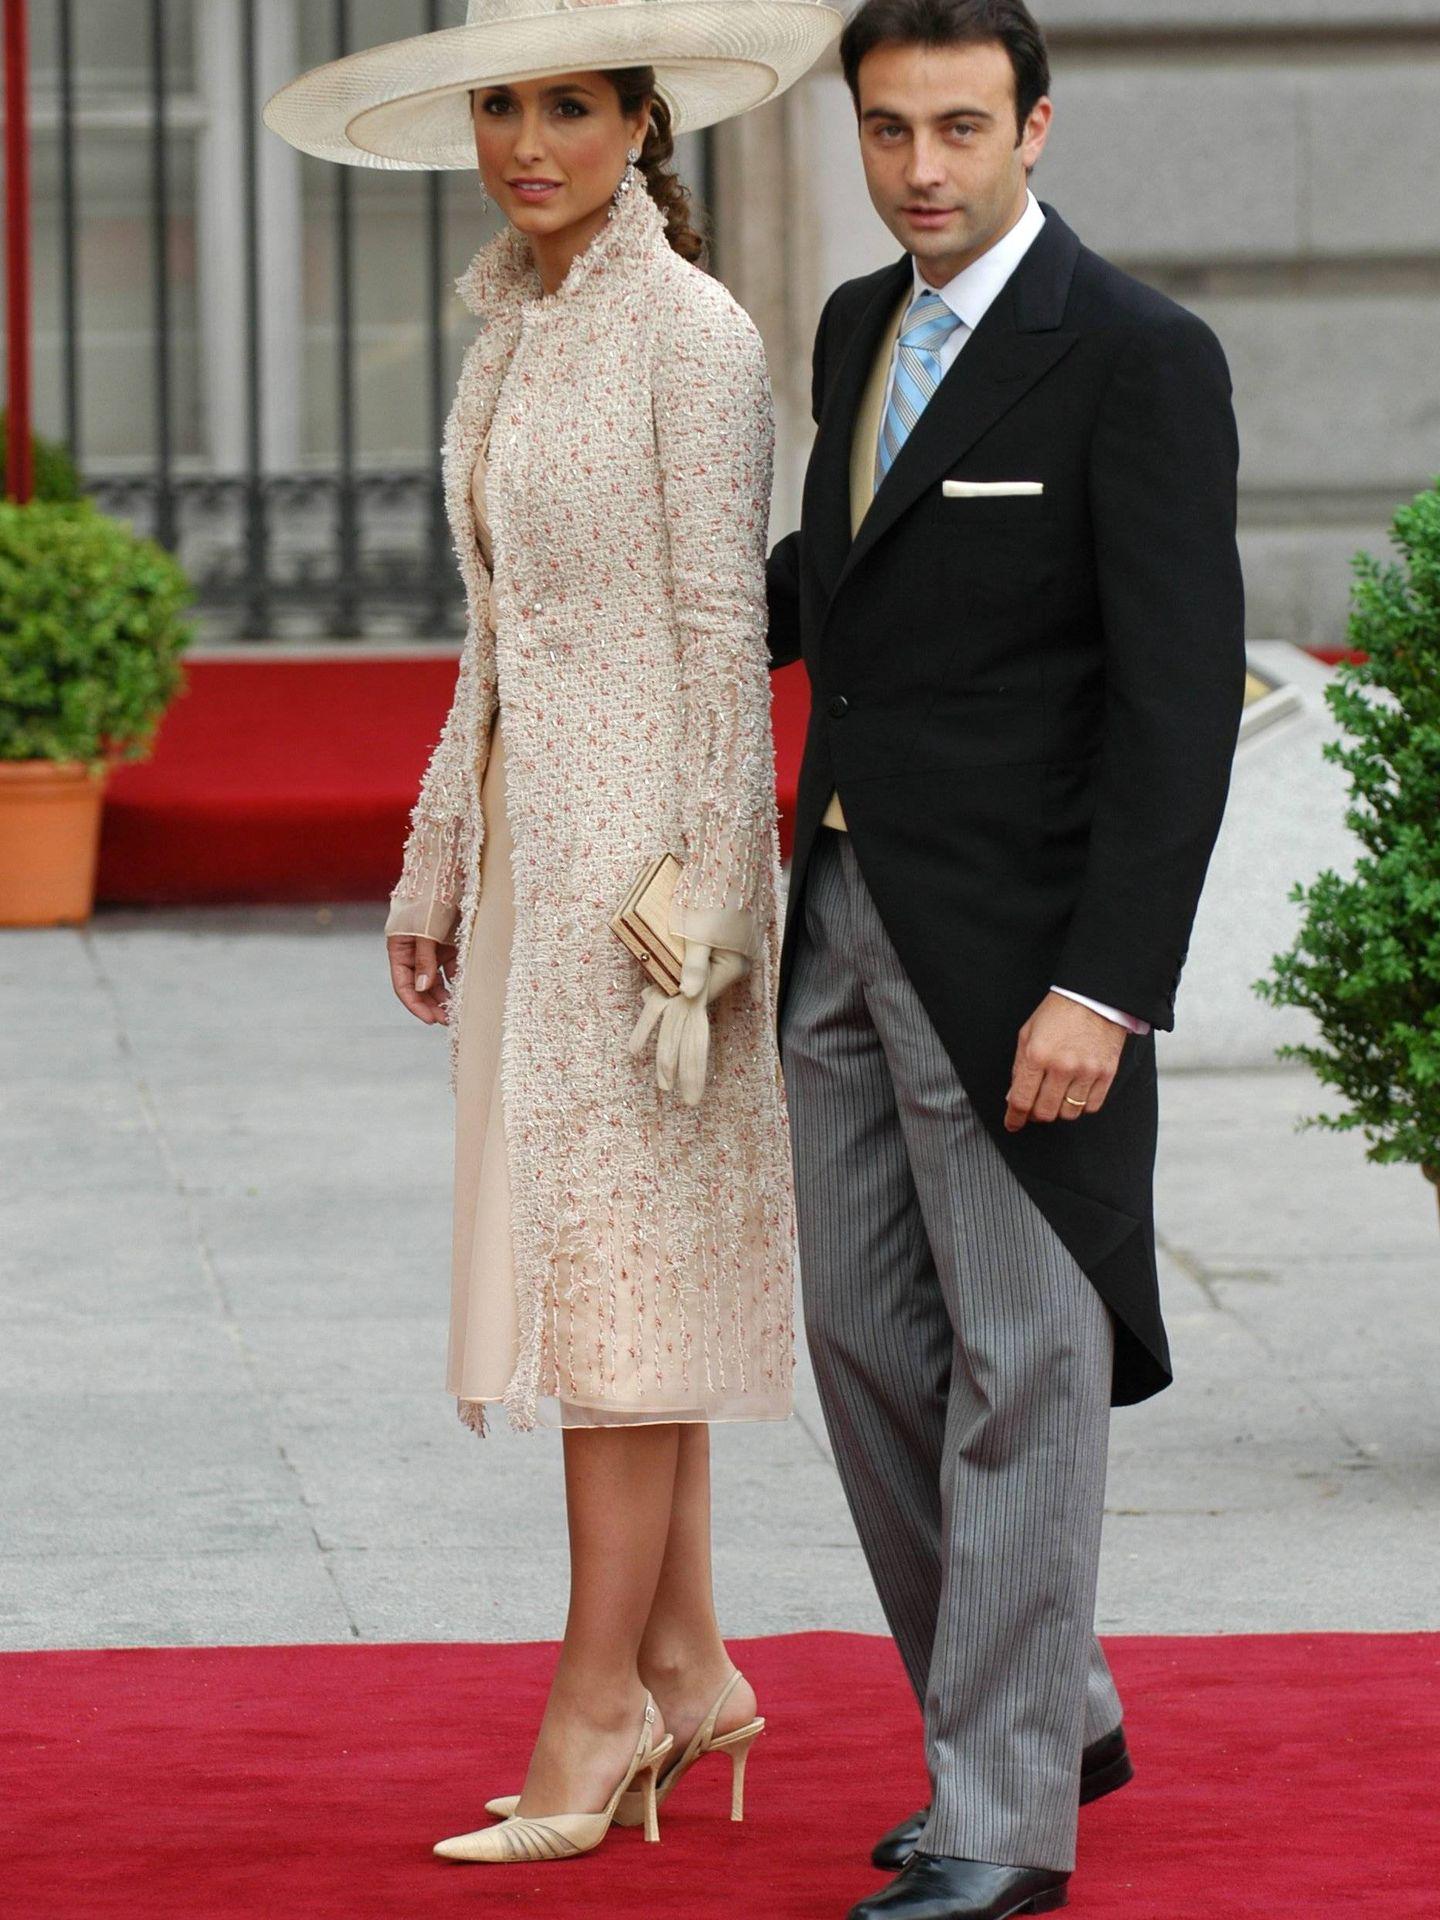 Paloma Cuevas y Enrique Ponce, en la boda de los Reyes. (EFE)